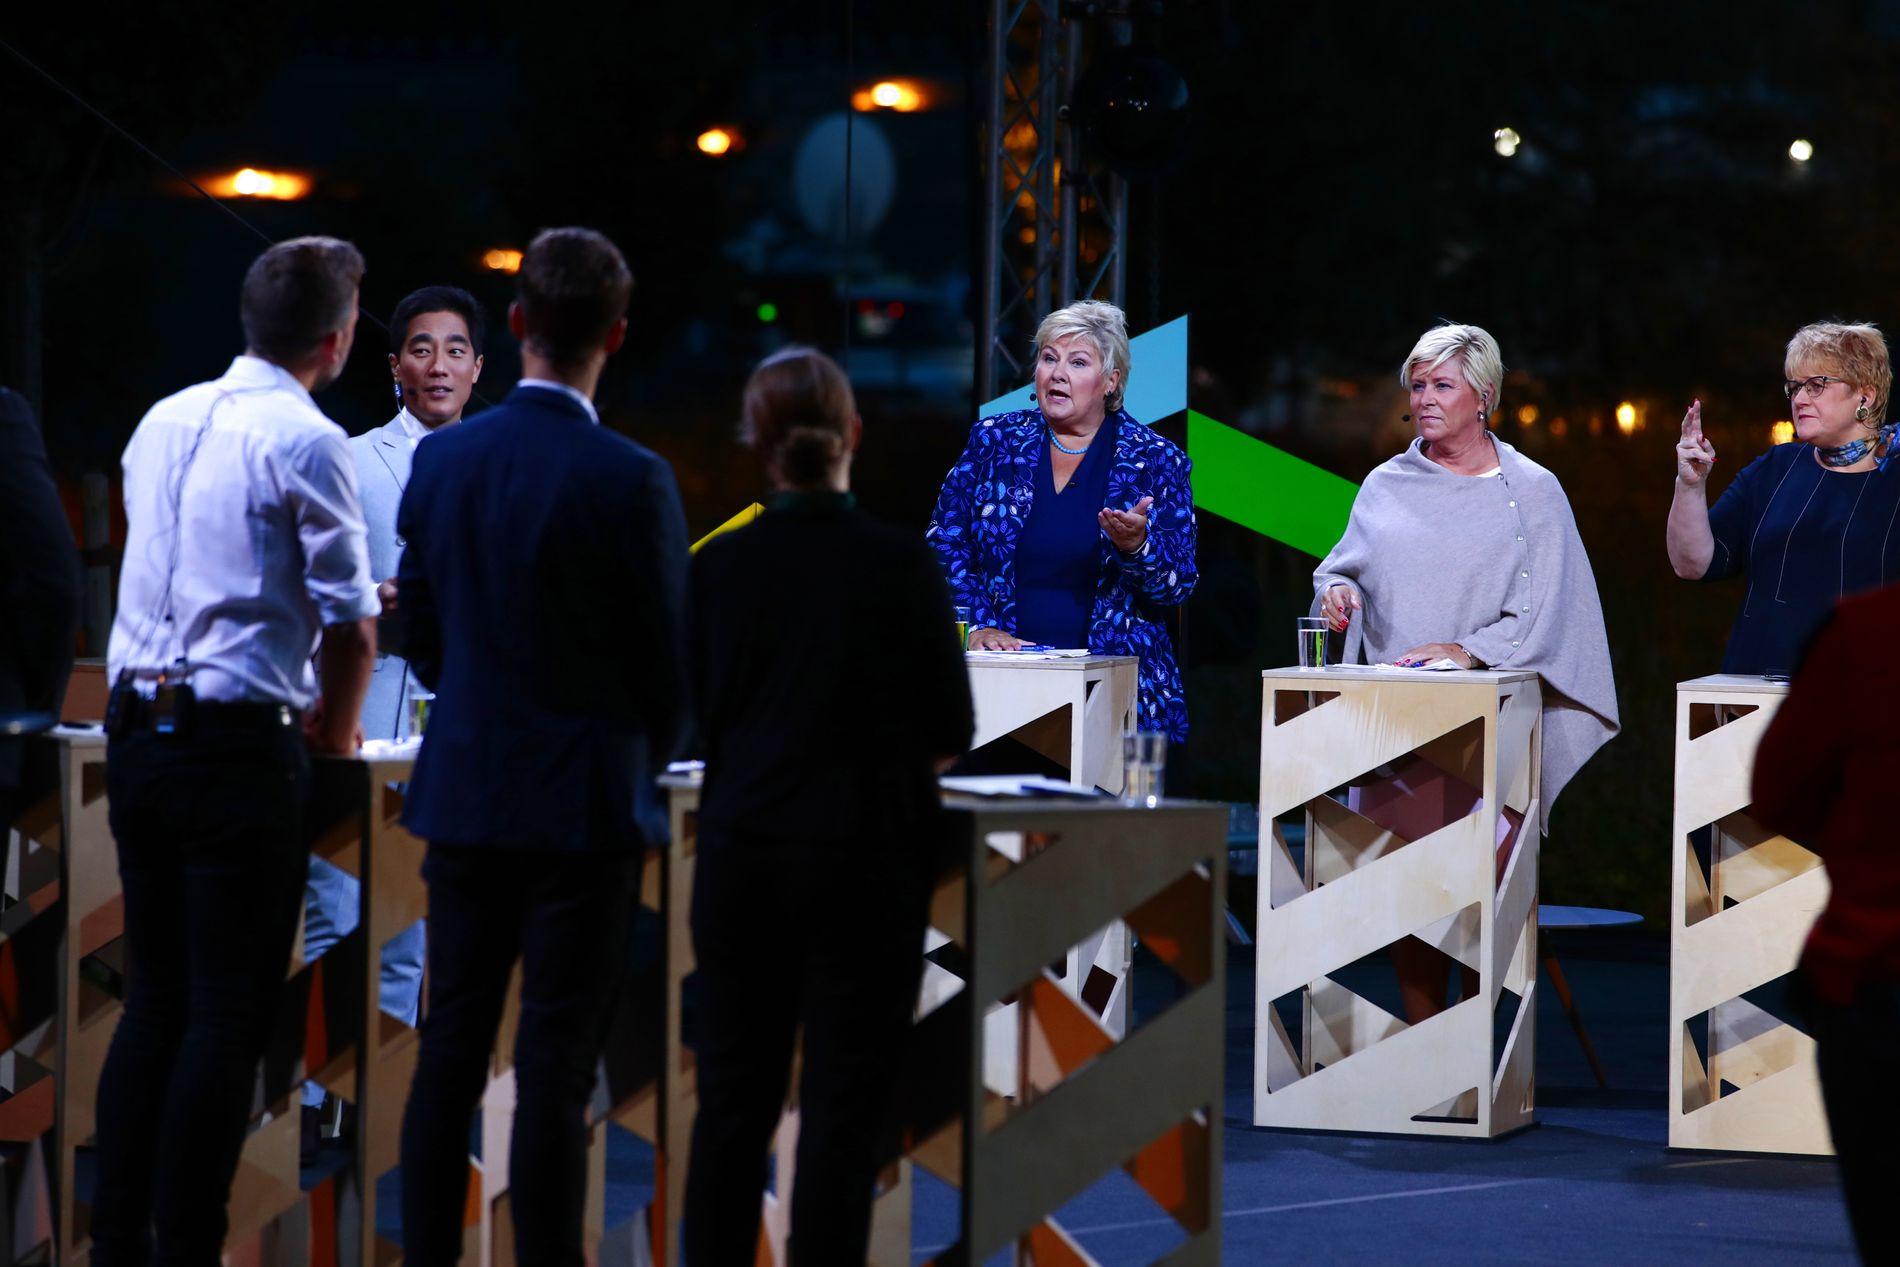 IKKE BEST: Solberg var jevnt over god i debatten og fikk som den bergenseren hun er snakket svært mye. Men hun var et stykke unna sitt aller beste.